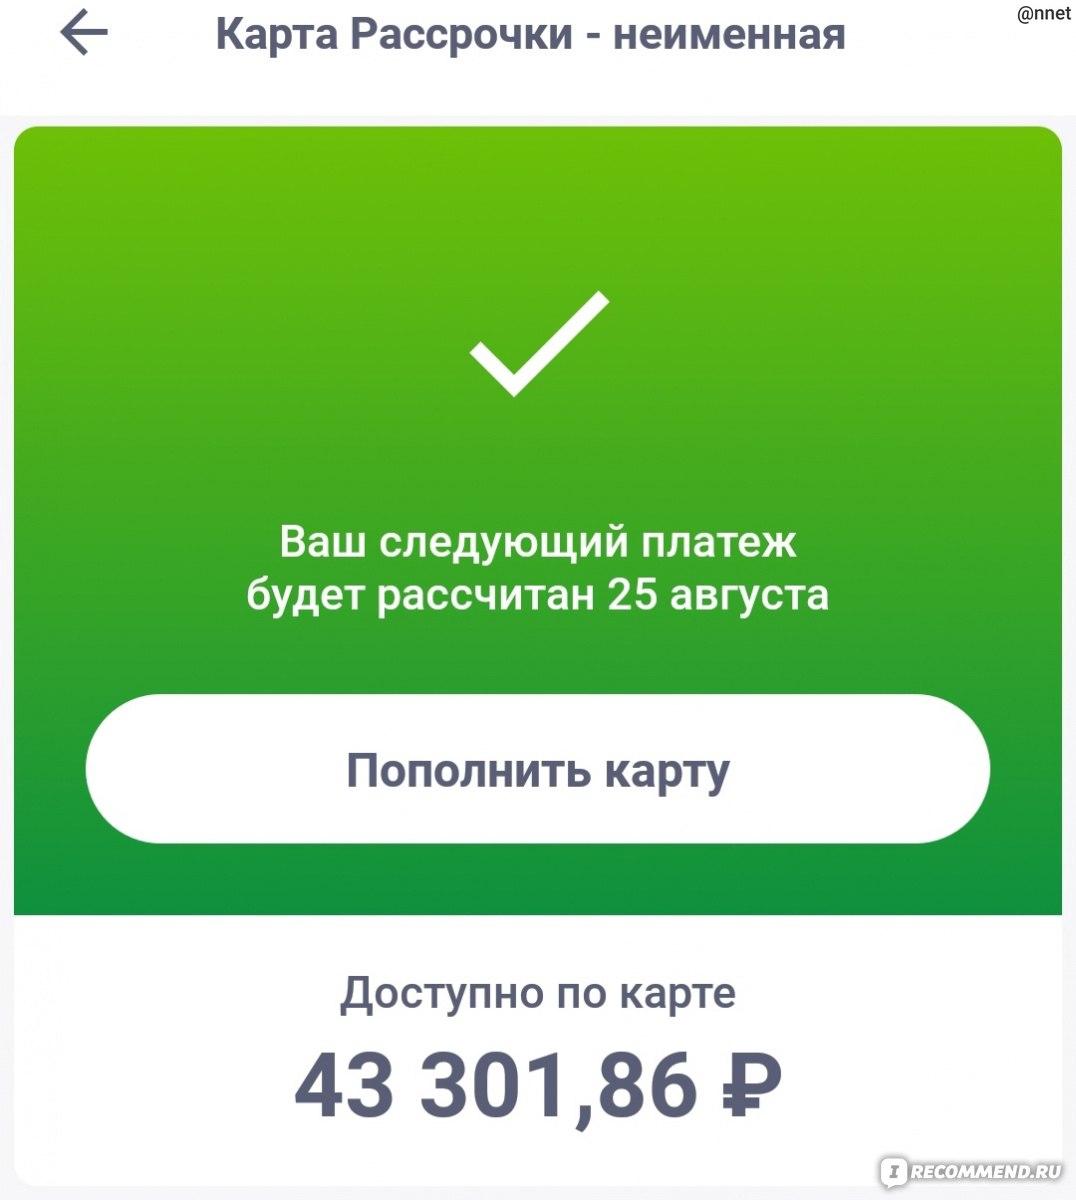 зеленая карта банк хоум кредит рассмотрение кредита в сбербанке онлайн